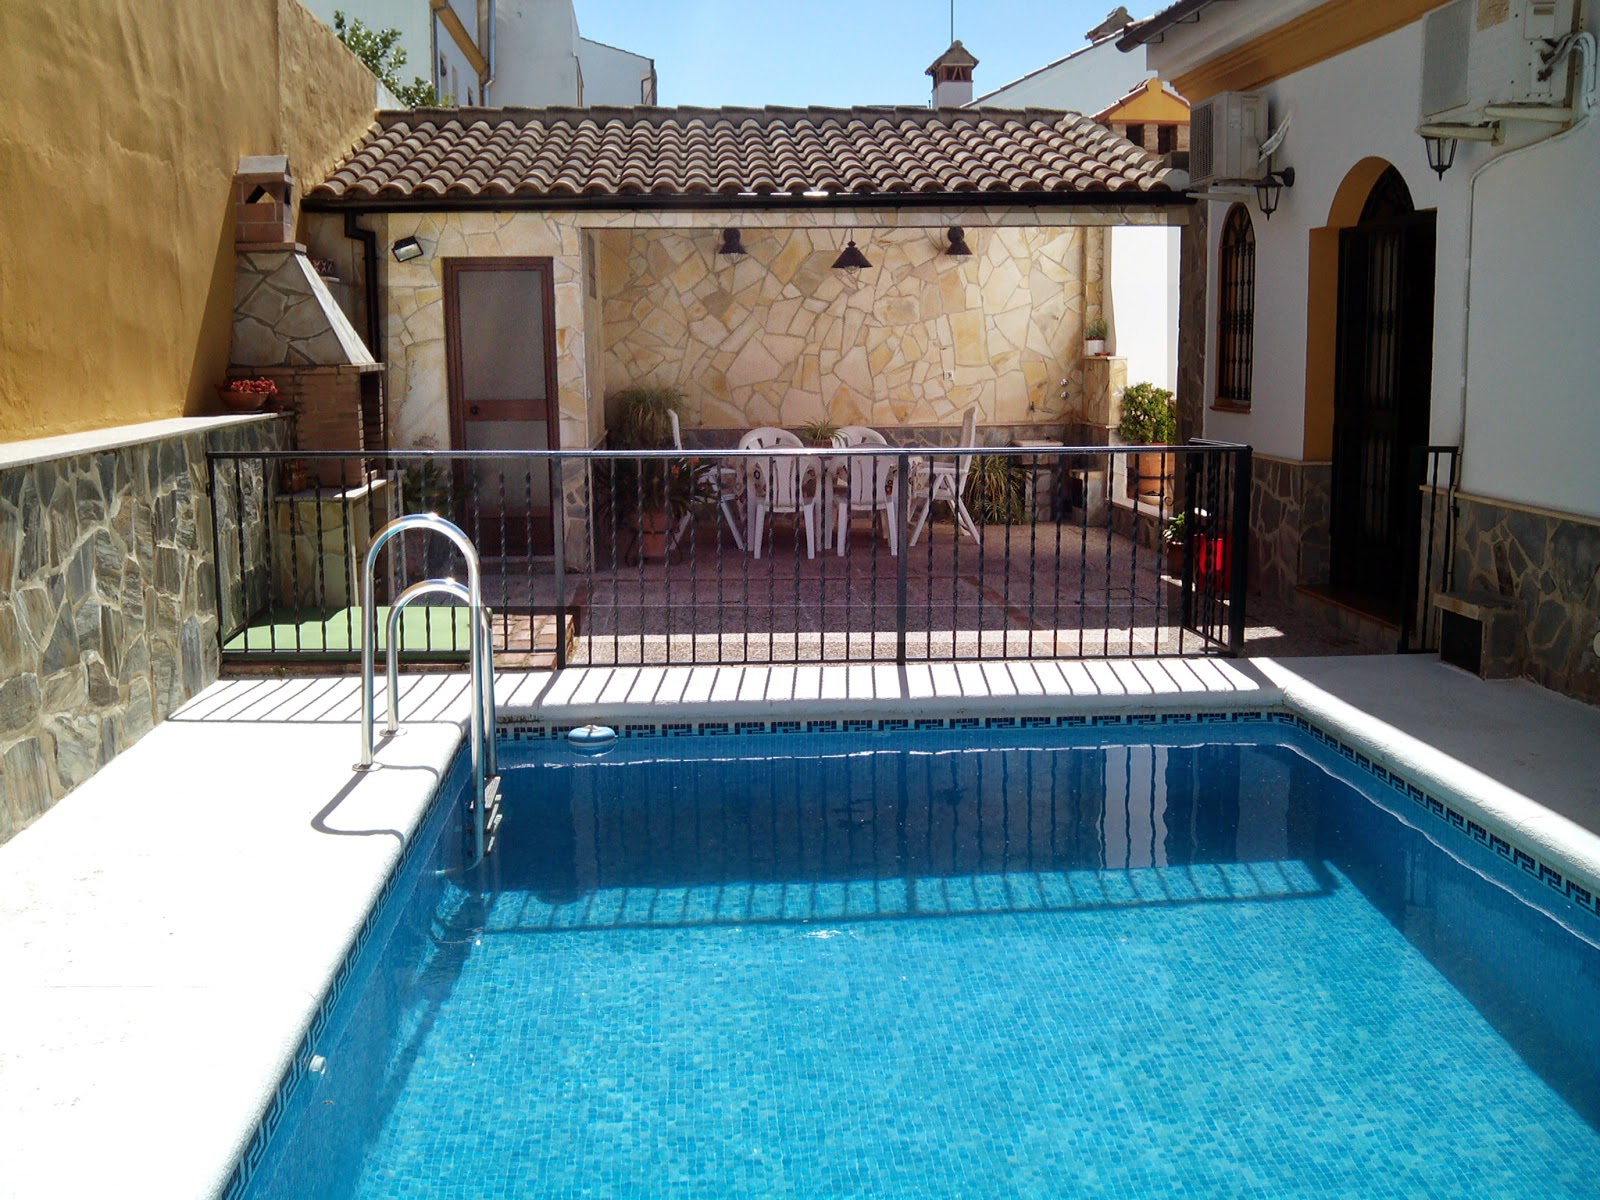 Casa sierra de c diz patio piscina sol rium porche for Casas con porche y piscina